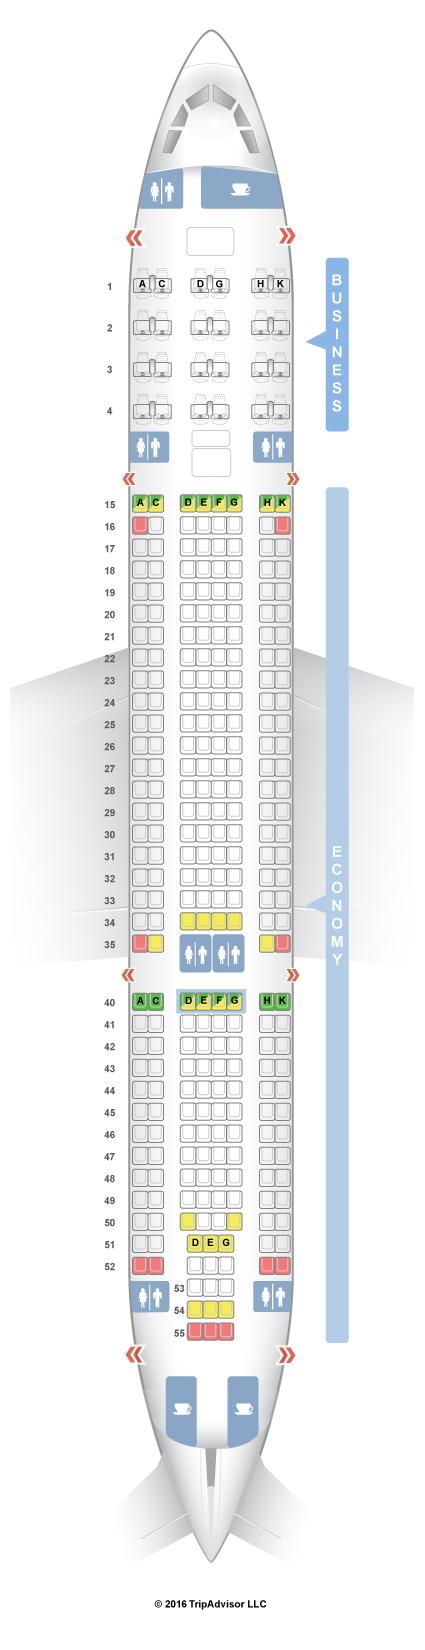 Air Tahiti Nui Seat Map Brokeasshome Com